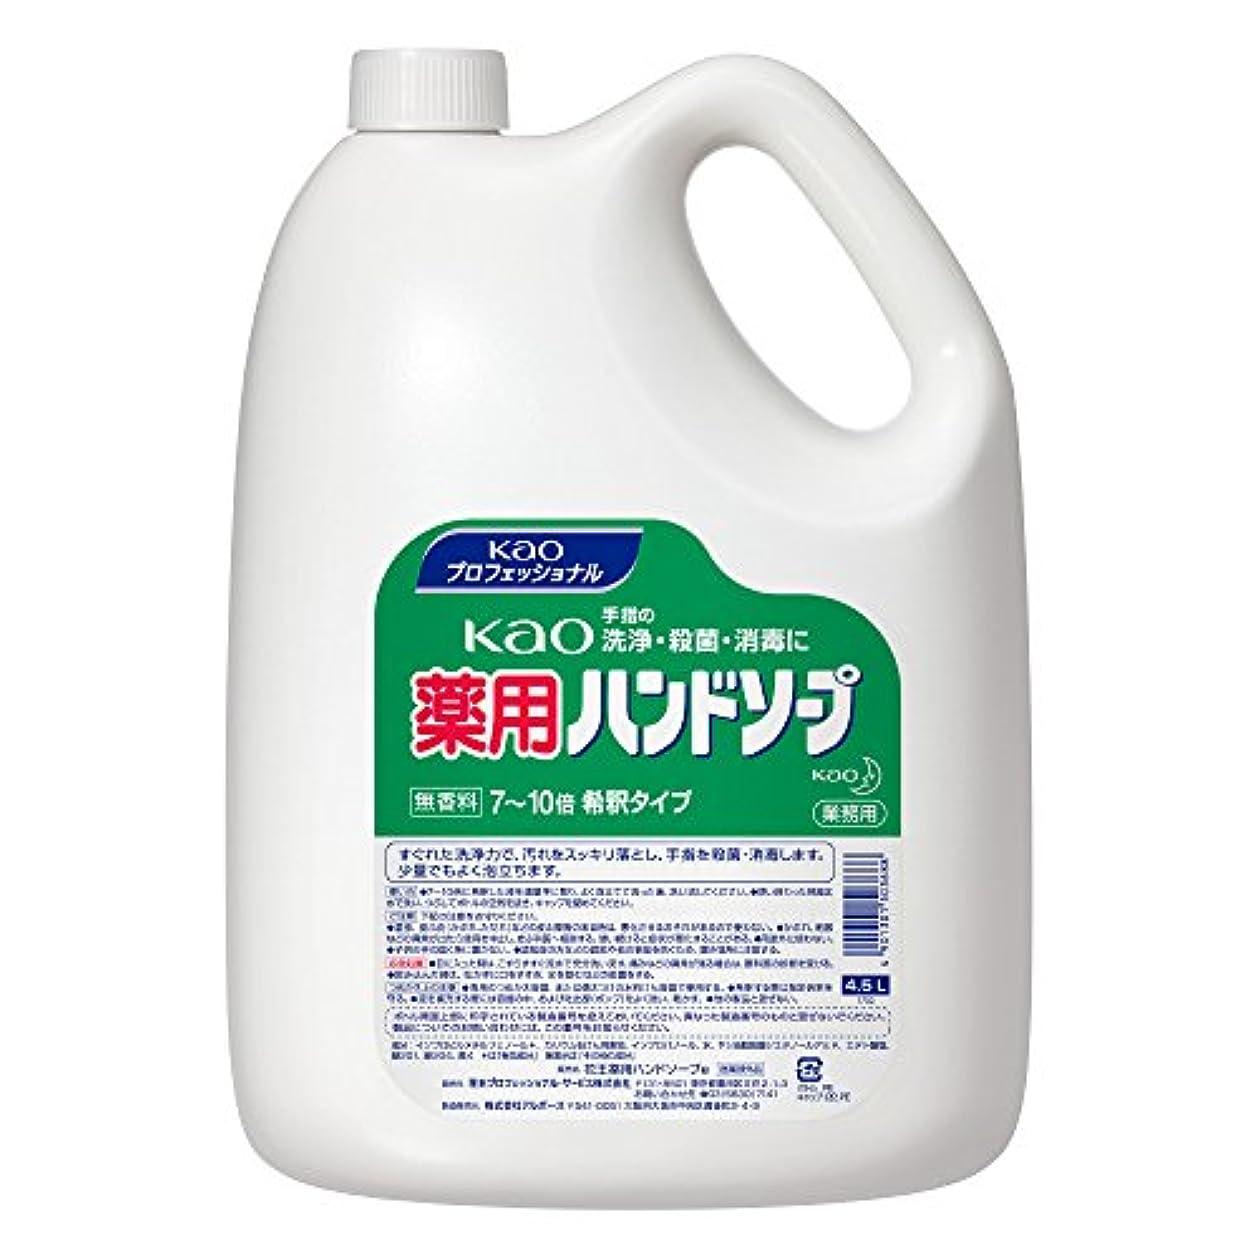 【業務用 ハンドソープ】Kao 薬用 ハンドソープ 4.5L(花王プロフェッショナルシリーズ)